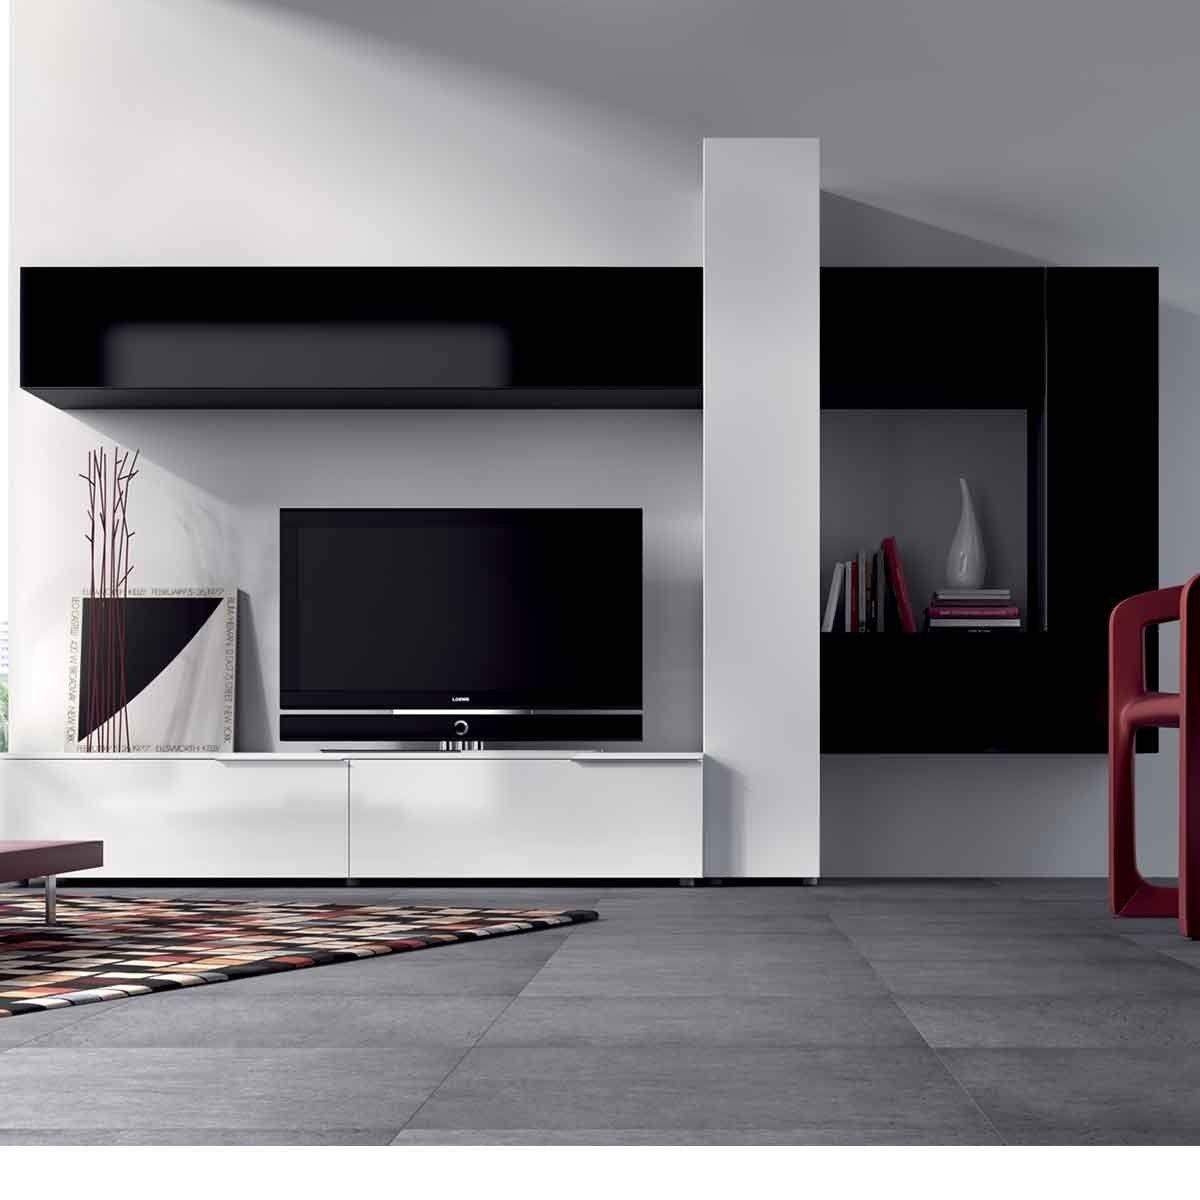 Meuble Mural Tv Design Elanne Atylia Atylia La Redoute Mobile  # Model D'Element Mural Laque Du Salon Haut De Gamme